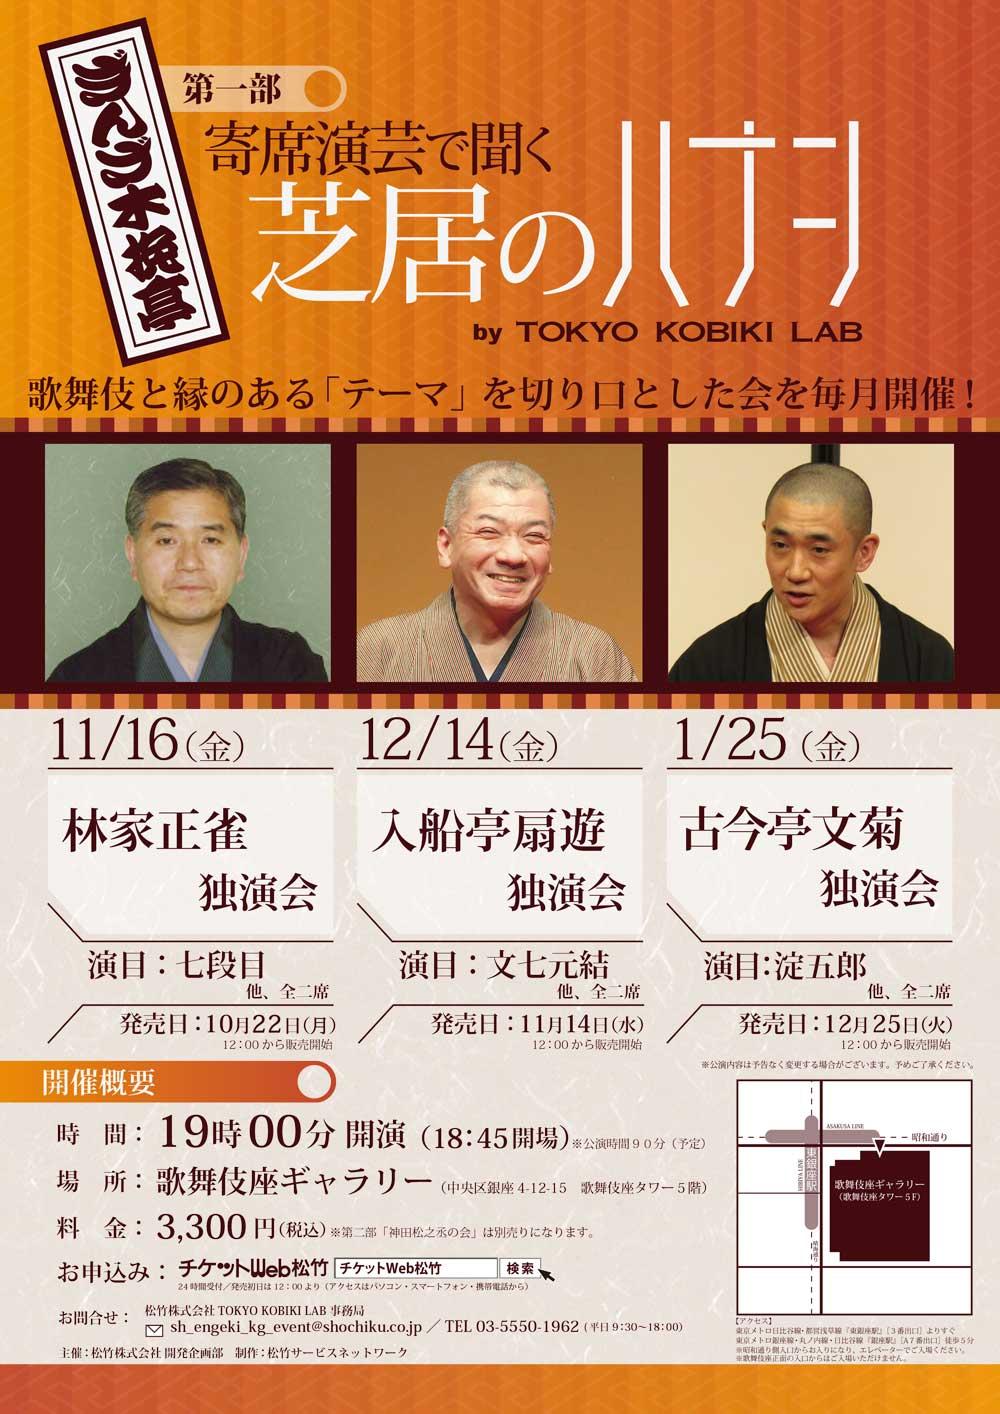 歌舞伎座ギャラリー、第五回「ぎんざ木挽亭」のお知らせ